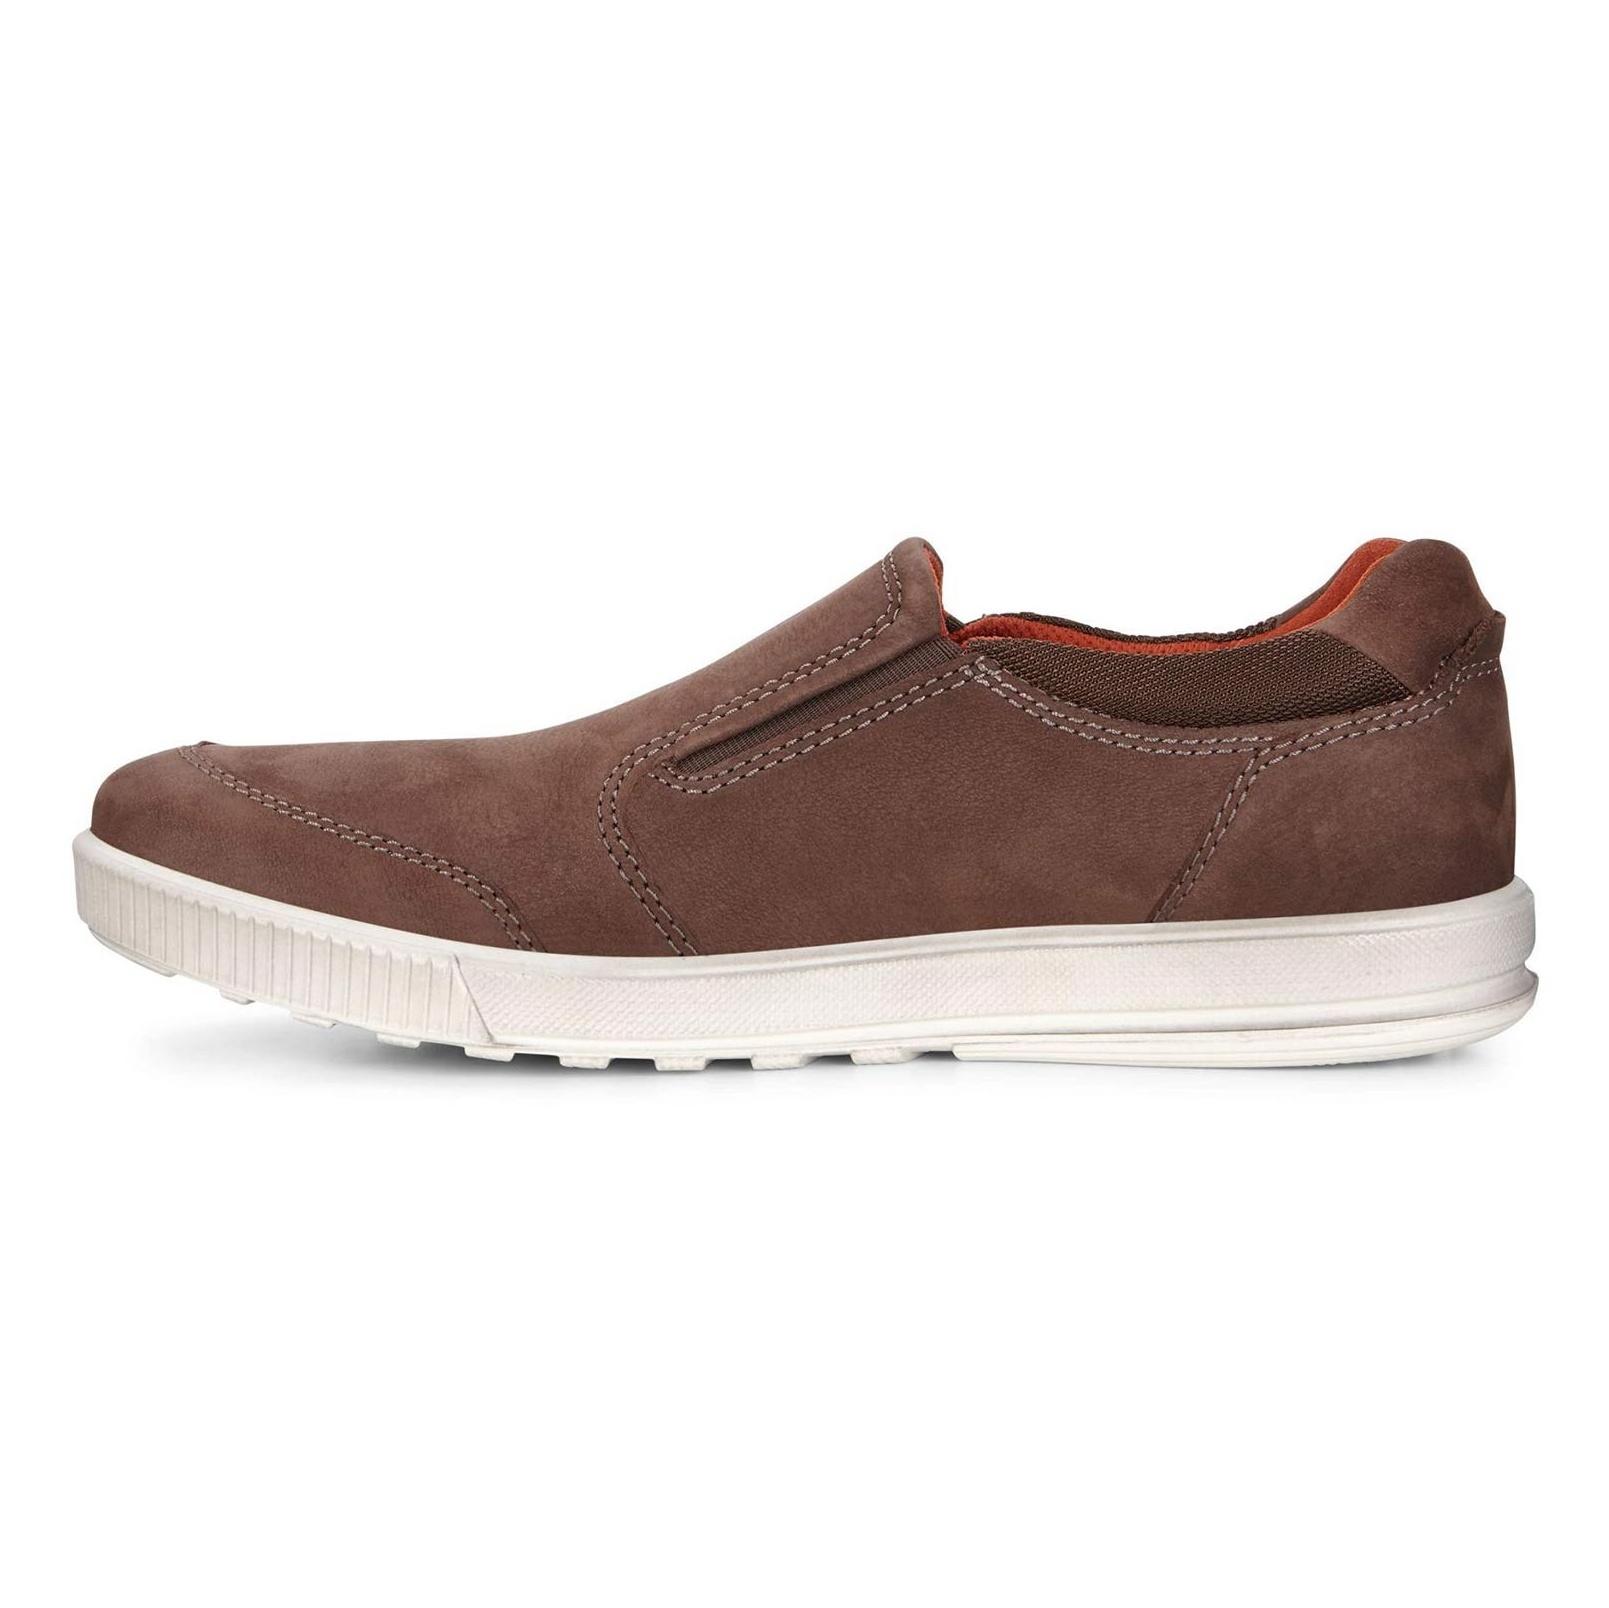 کفش راحتی مردانه Ennio - اکو - قهوه اي  - 2